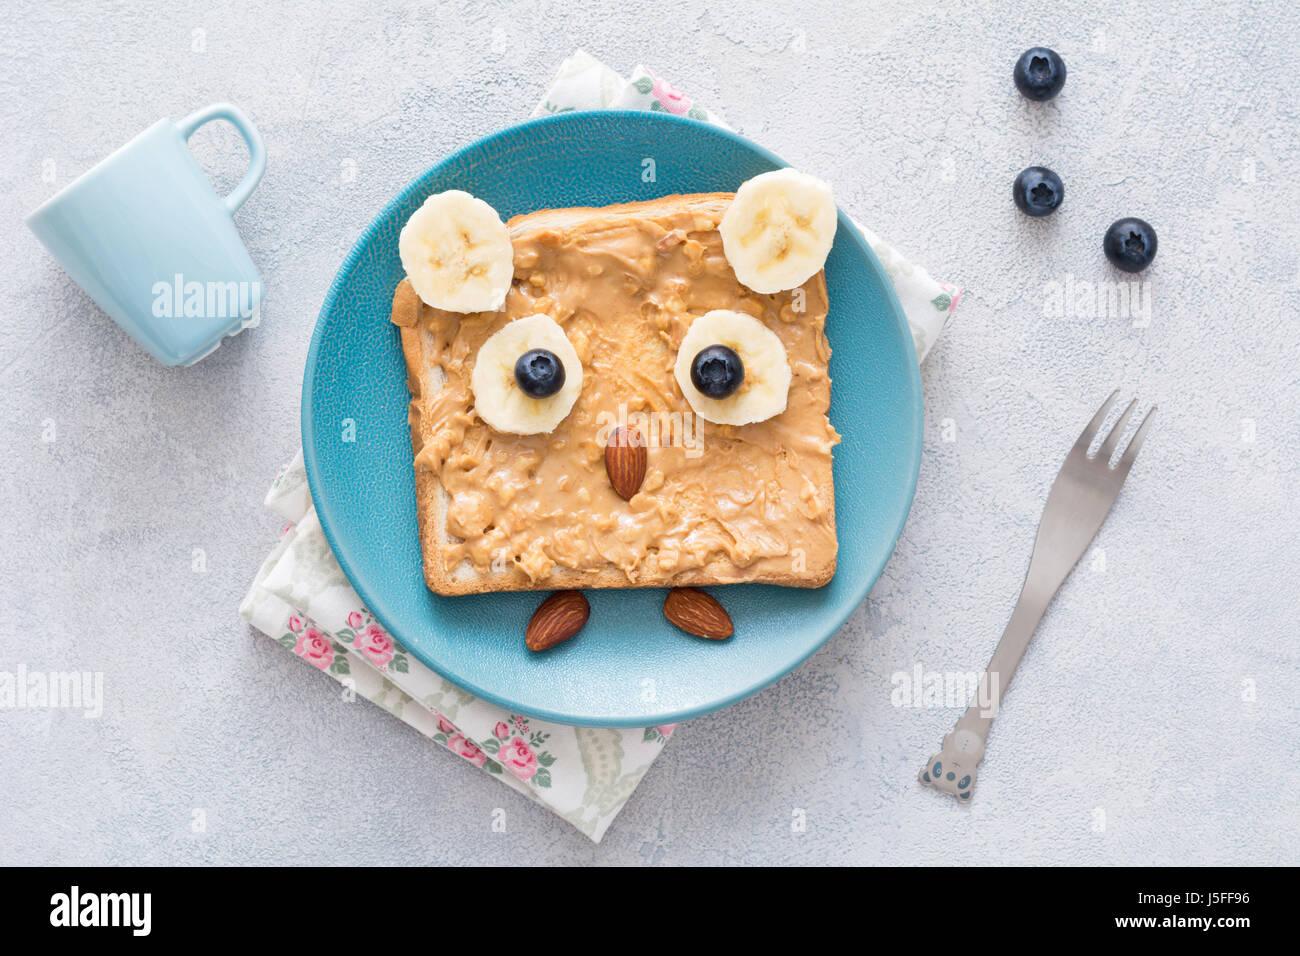 Burro di arachidi toast per bambini in forma di divertente carino gufo su una piastra di blu. Vista superiore Immagini Stock